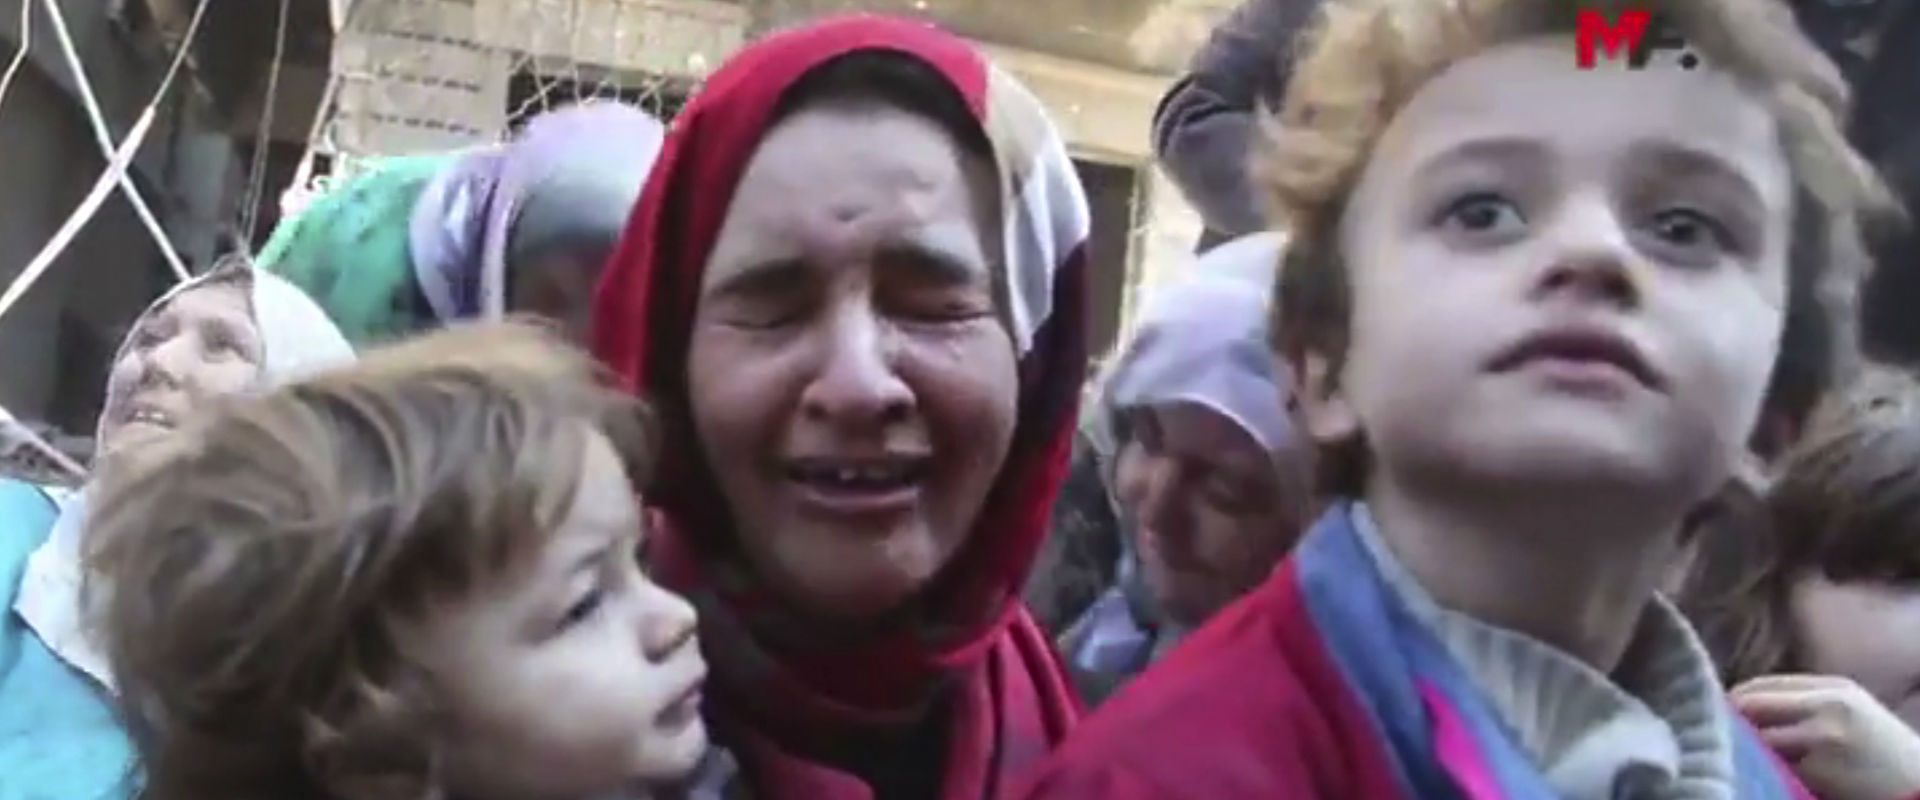 תושבת א-רקה בוכה לאחר שנחלצה מהשטח בשליטת דאעש, הי